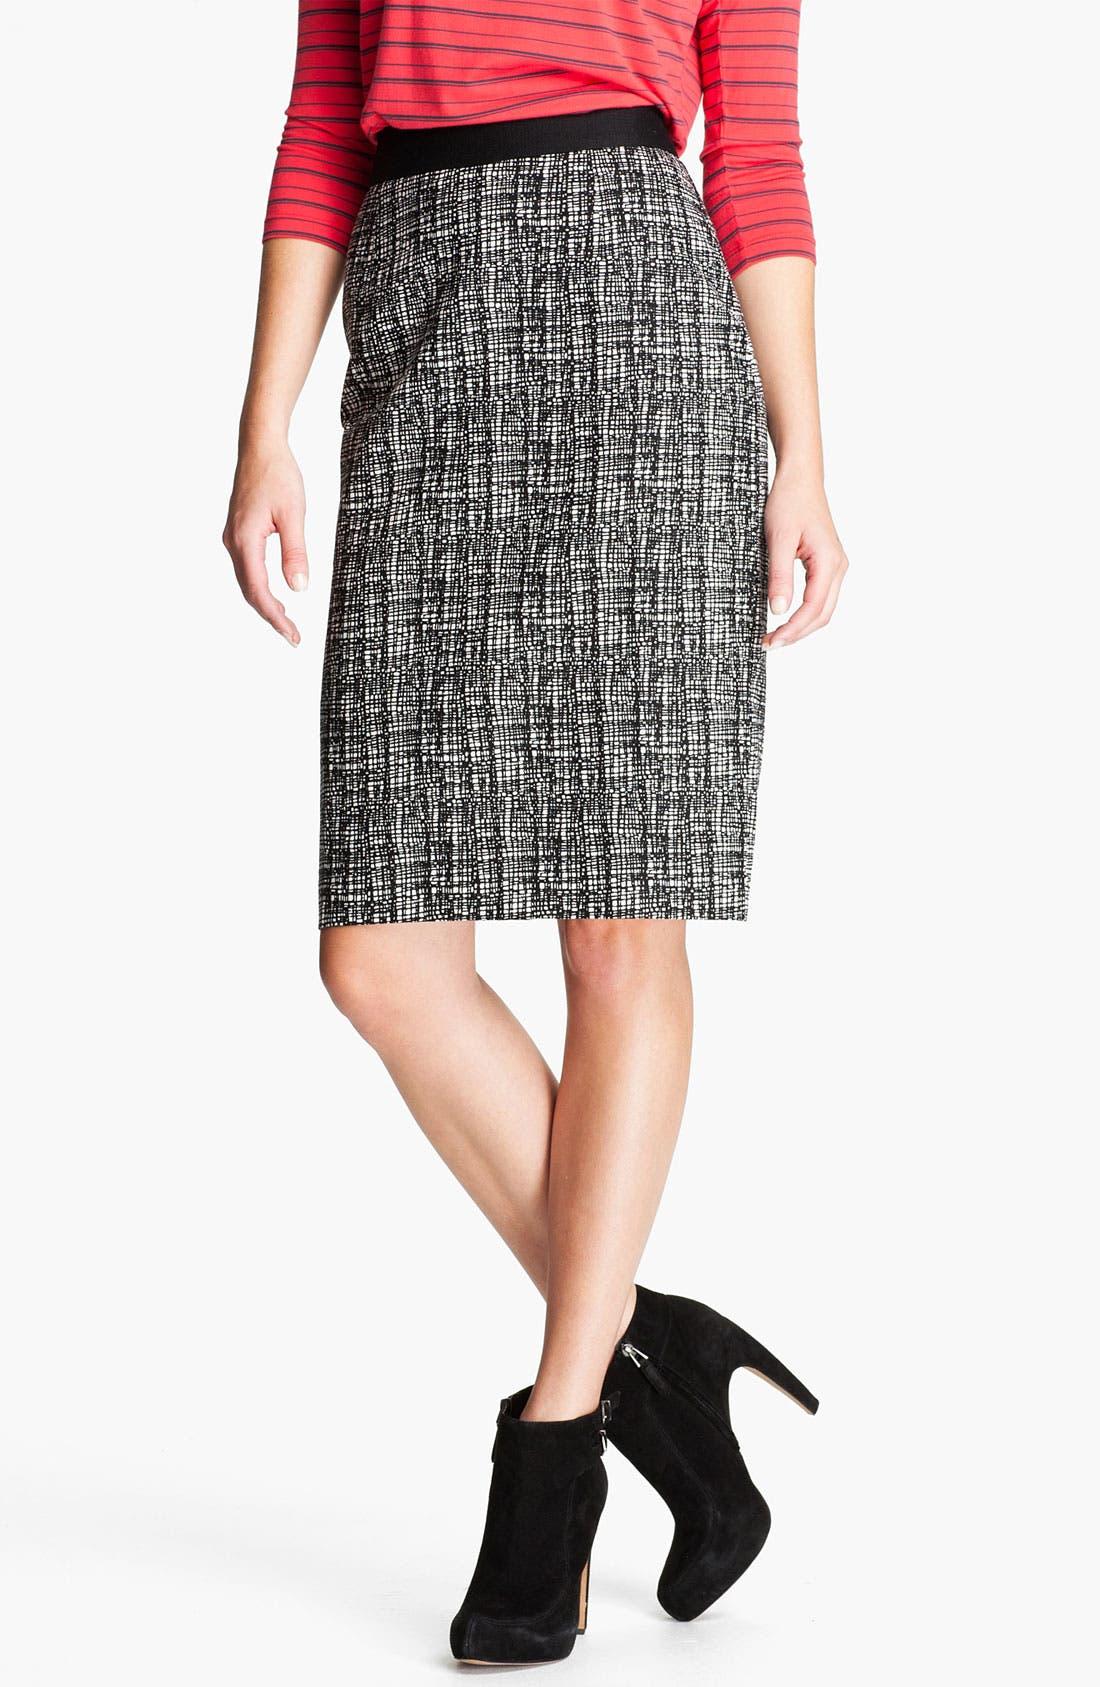 Main Image - Halogen Patterned Pencil Skirt